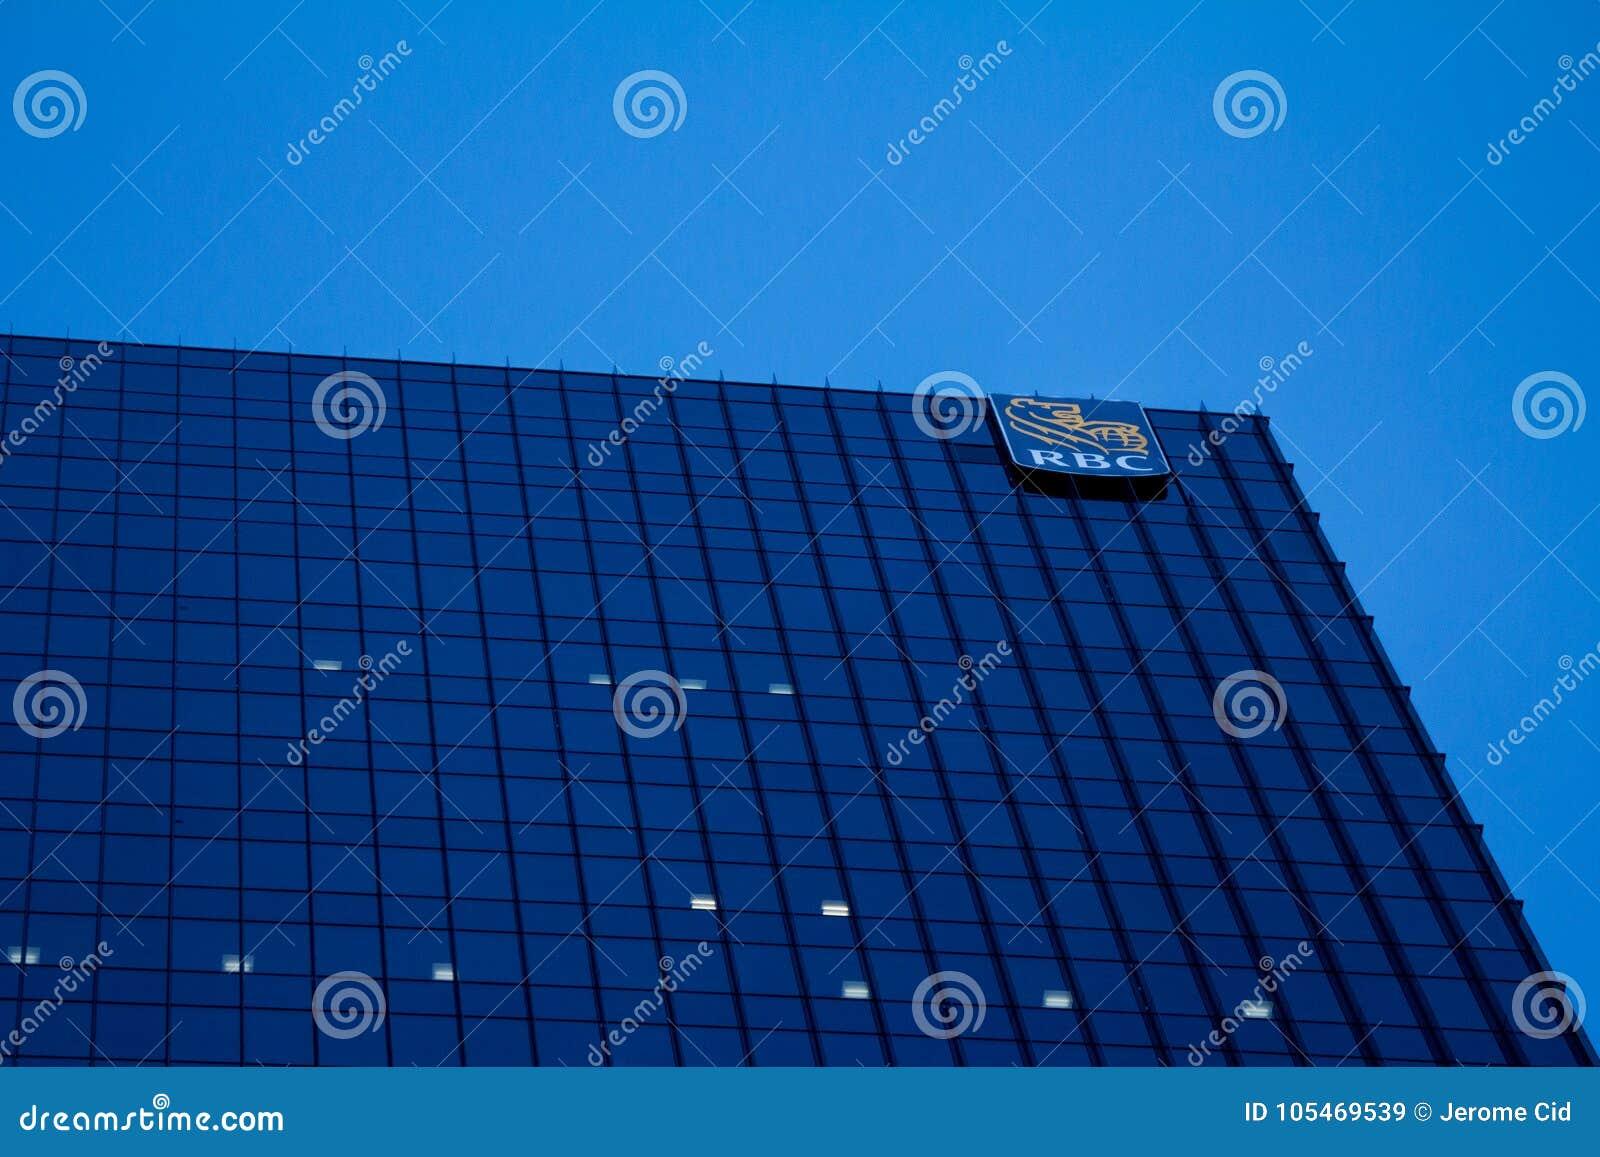 Kwatery główne Royal Bank Kanada RBC w Toronto, Ontario, Kanada z iluminującym logem korporacja